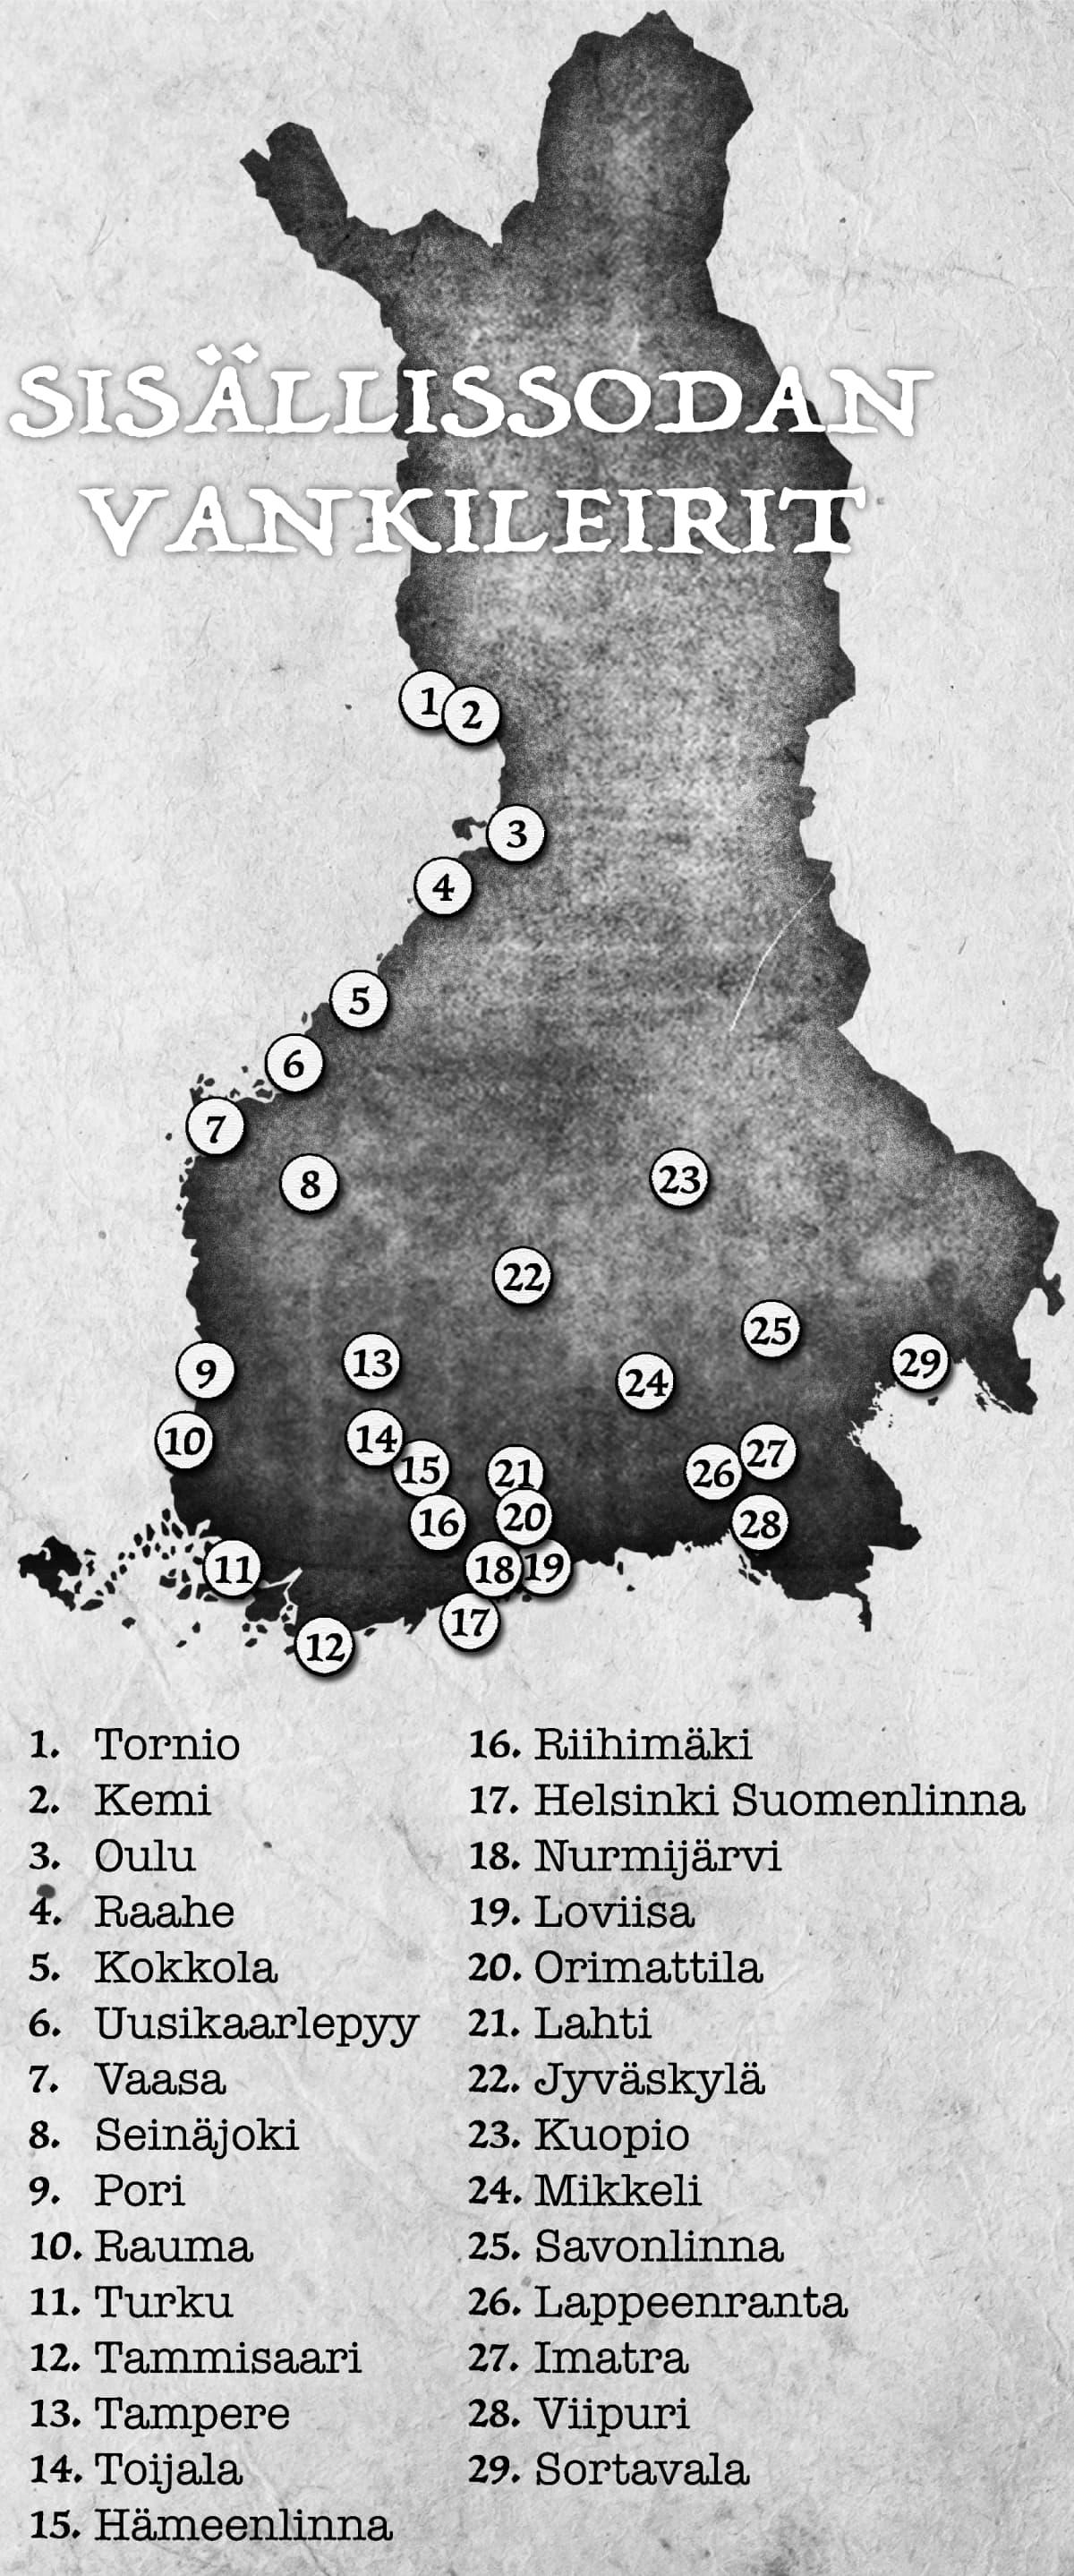 Grafiikassa kartalla Suomen sisällissodan vankileirit